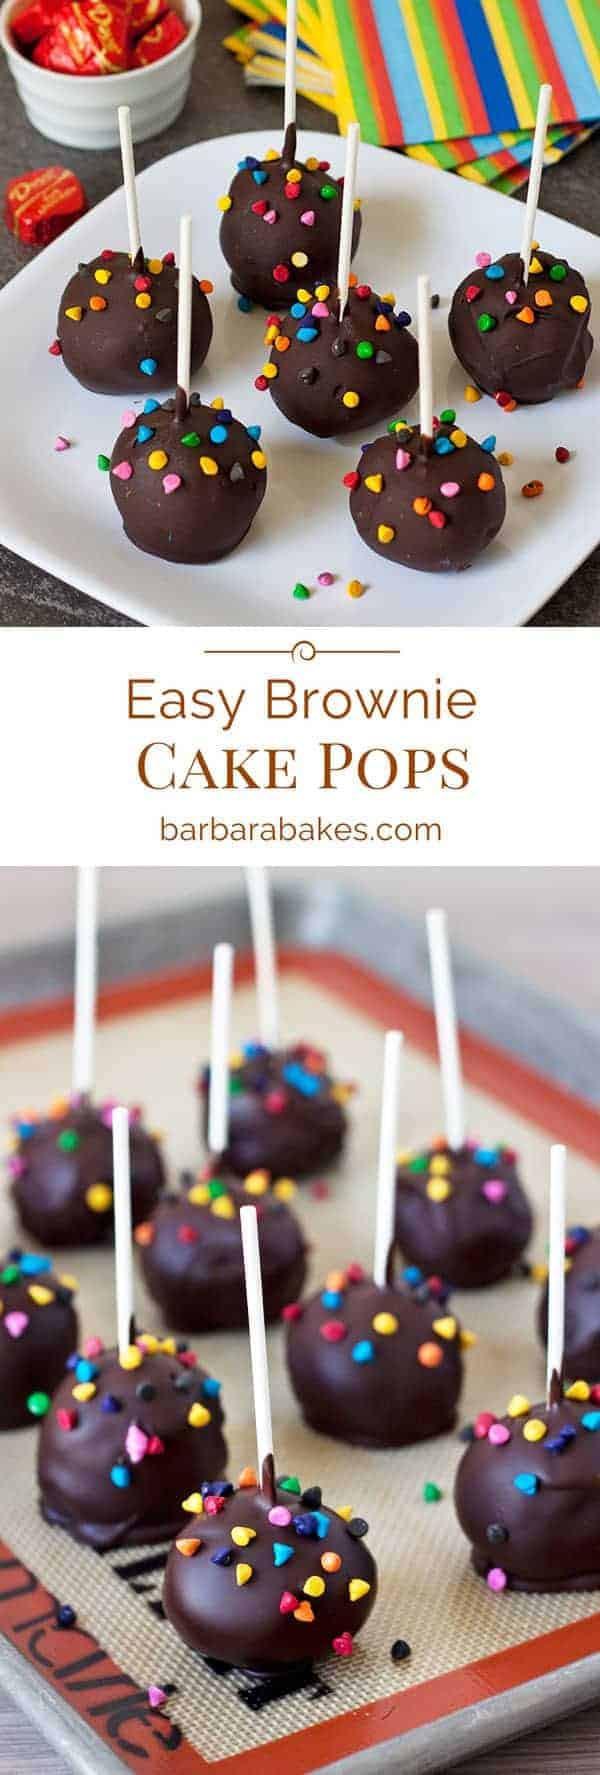 Cake Pops Recipe Easy  Easy Brownie Cake Pops Recipe from Barbara Bakes